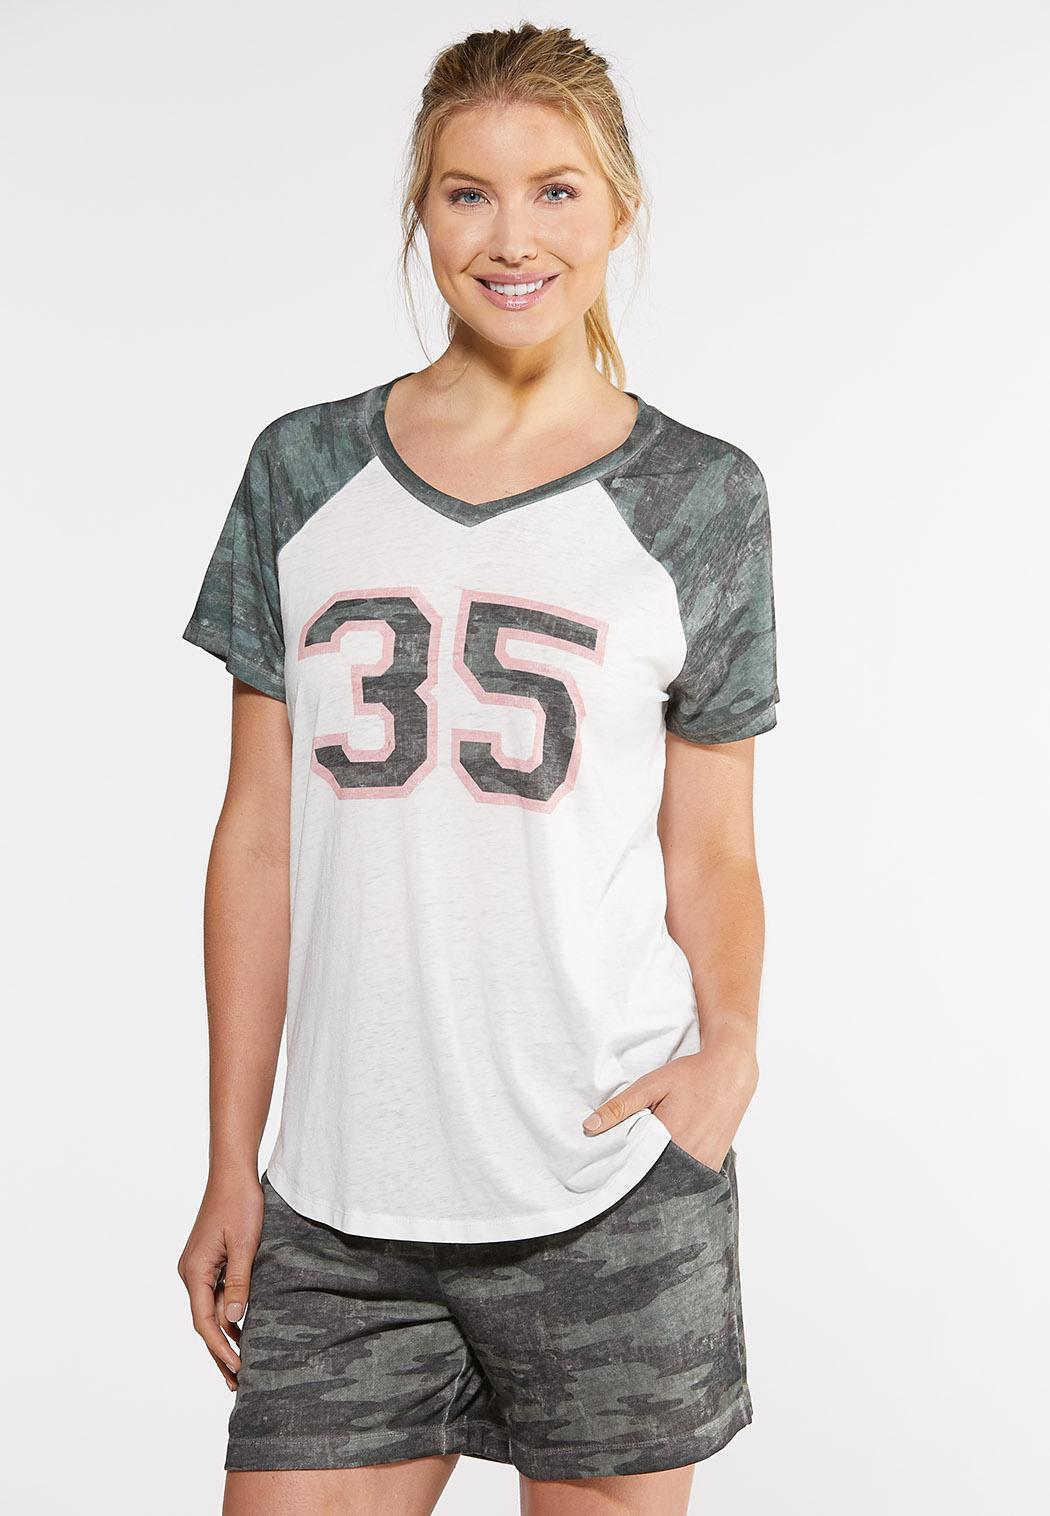 2d8071d75 Women's Clothes & Fashion